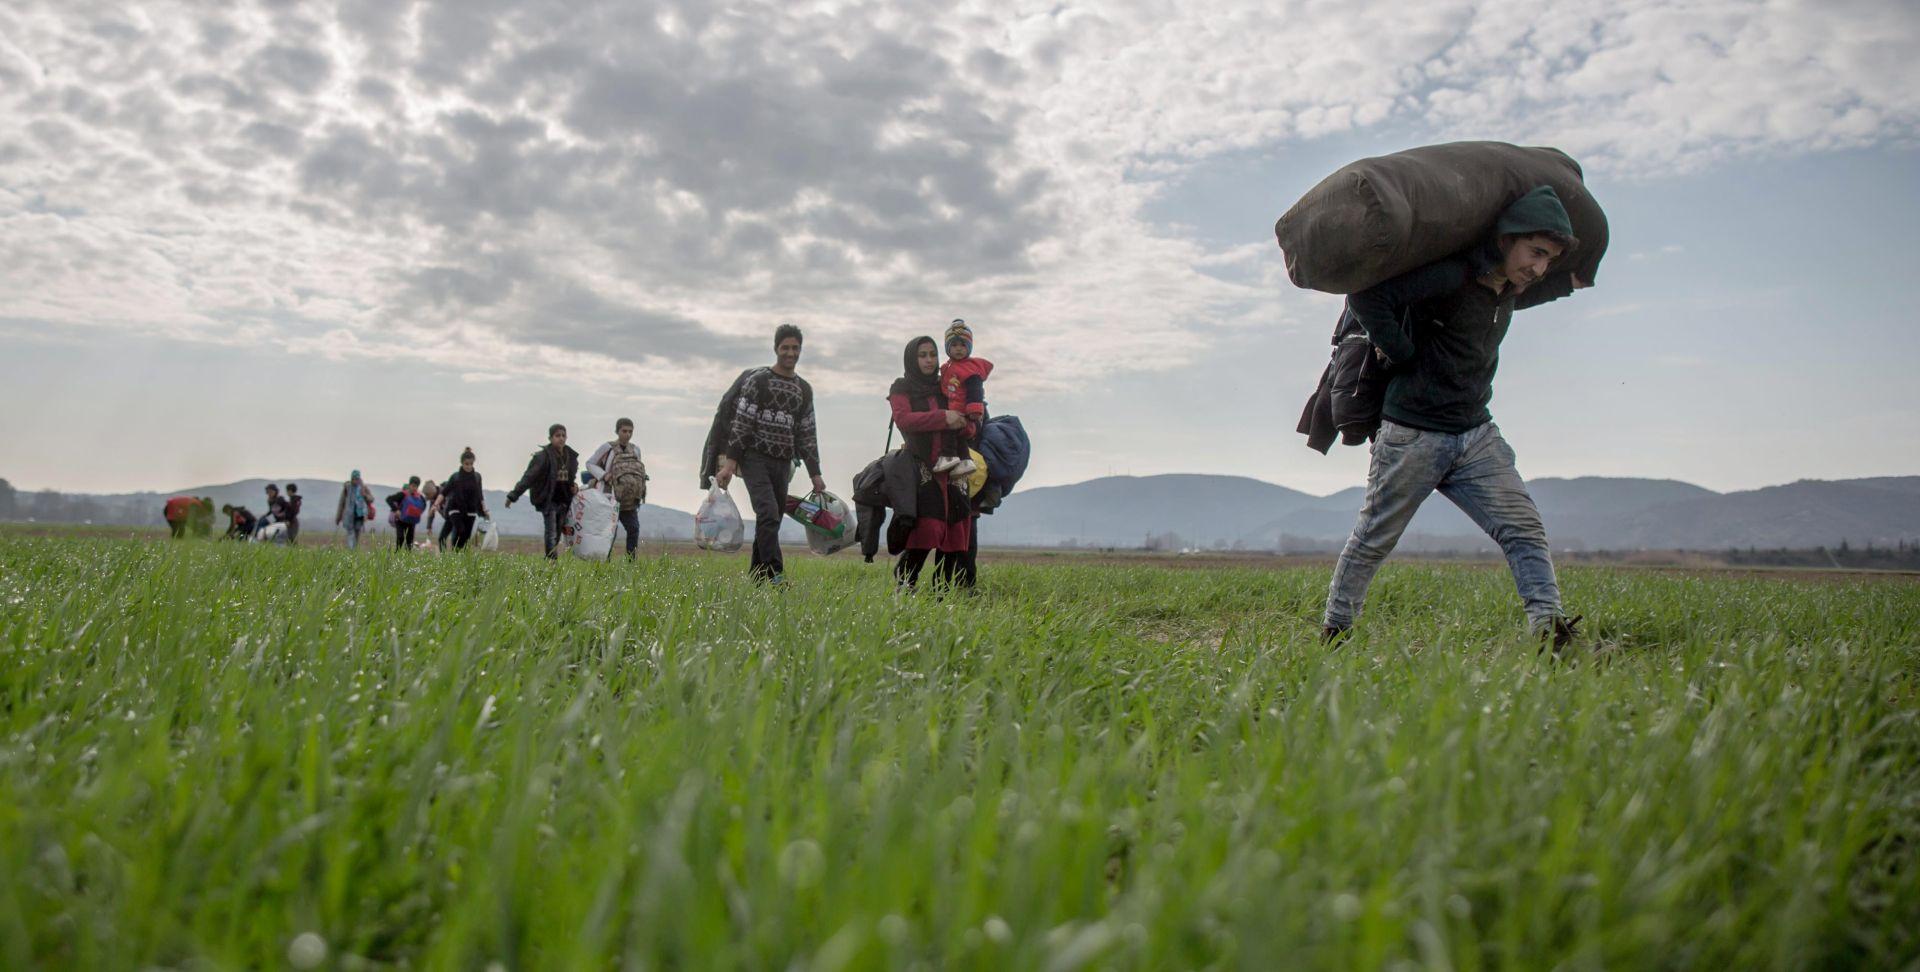 ZASTOJI U OBRADI: Njemačka se bori s nagomilanim zahtjevima za azil